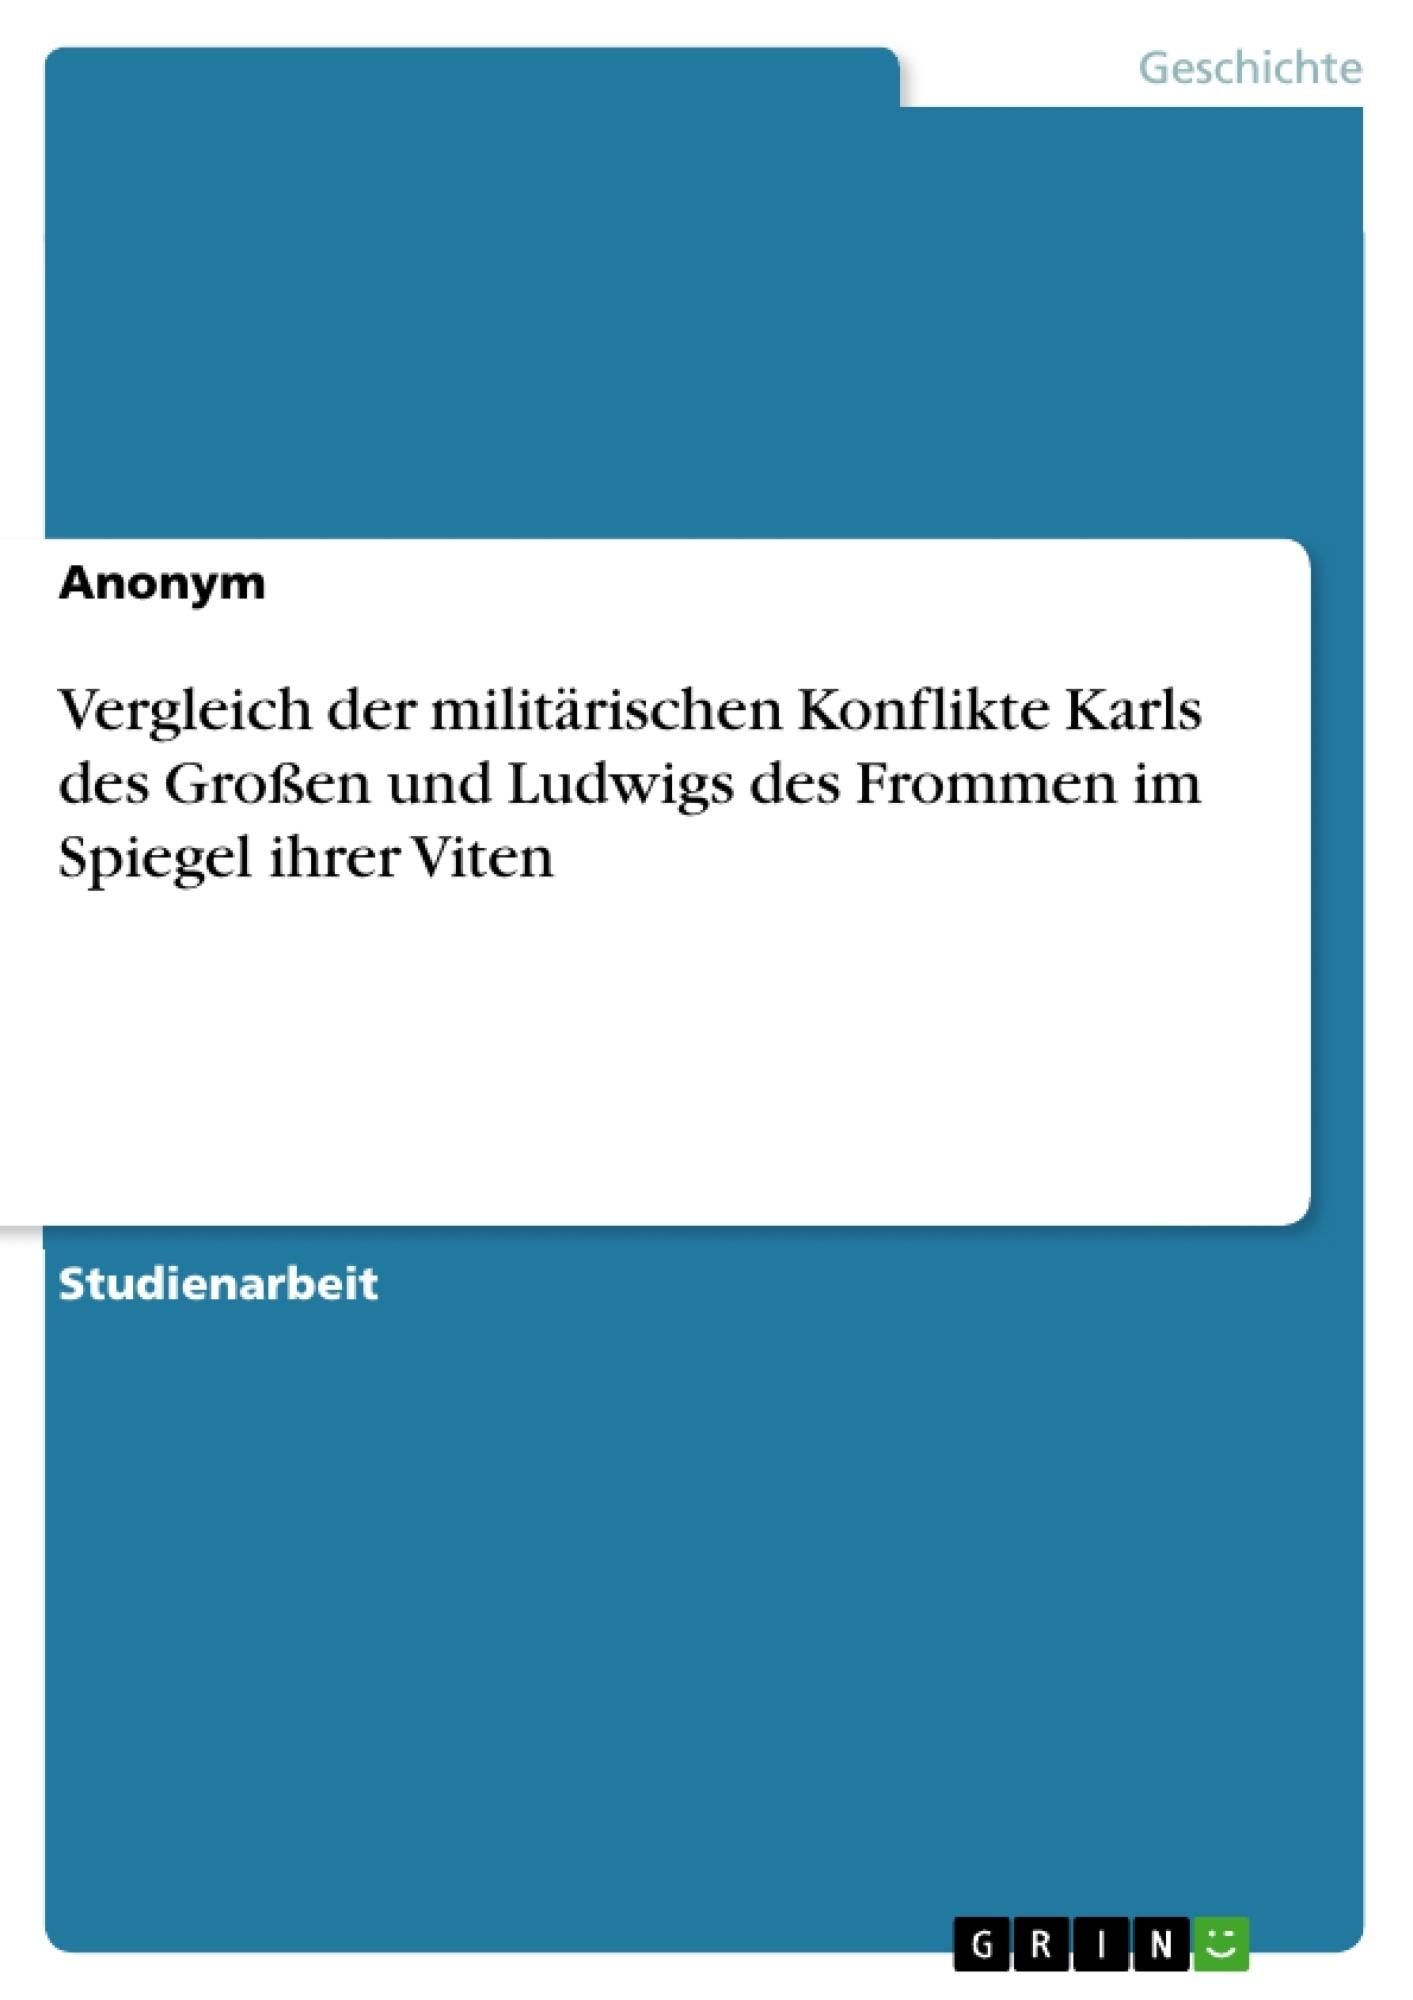 Titel: Vergleich der militärischen Konflikte Karls des Großen und Ludwigs des Frommen im Spiegel ihrer Viten